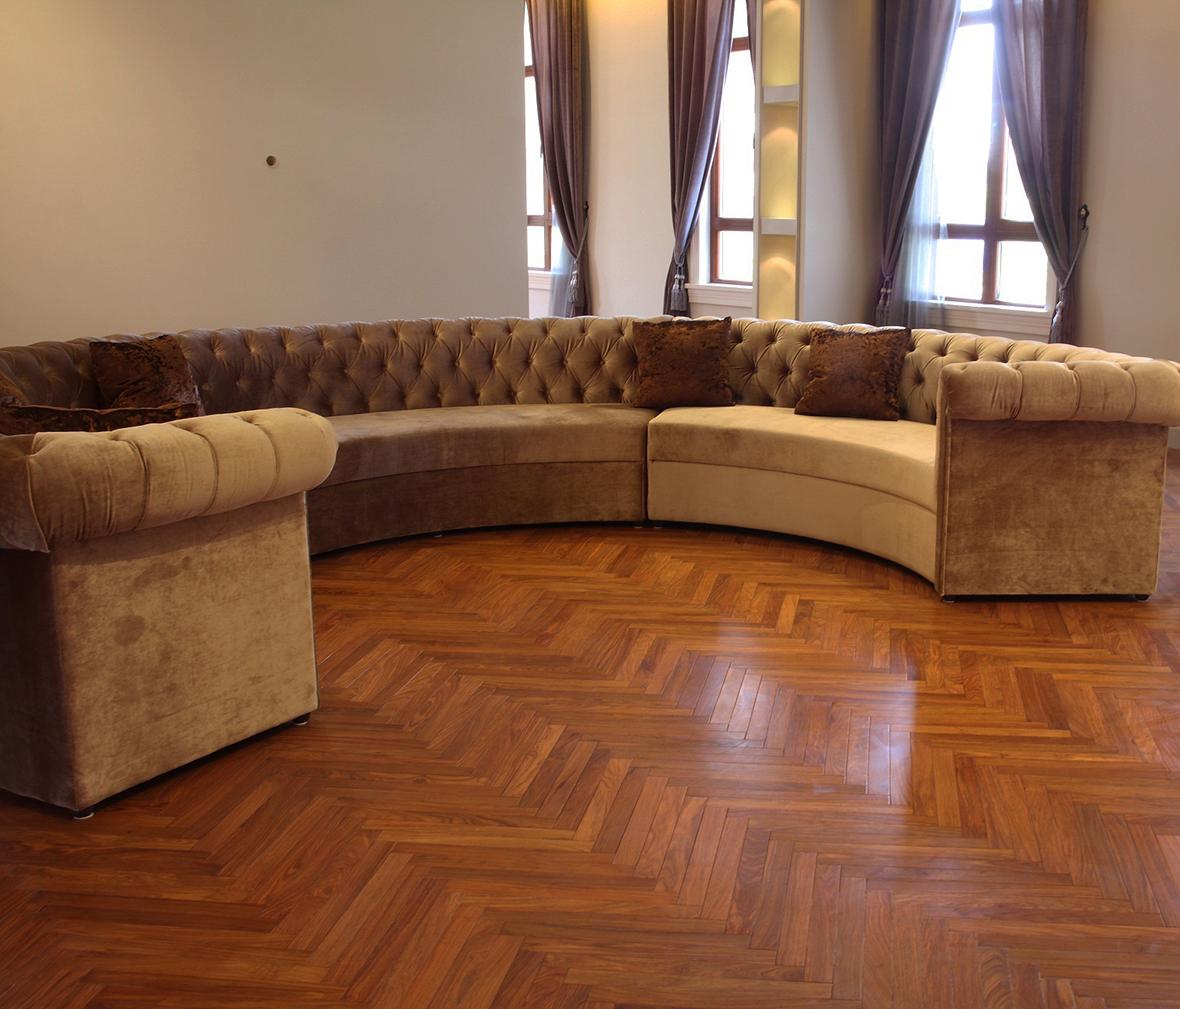 大自然地板 白蜡木 实木地板 h9050m型号 纯实木 15mm